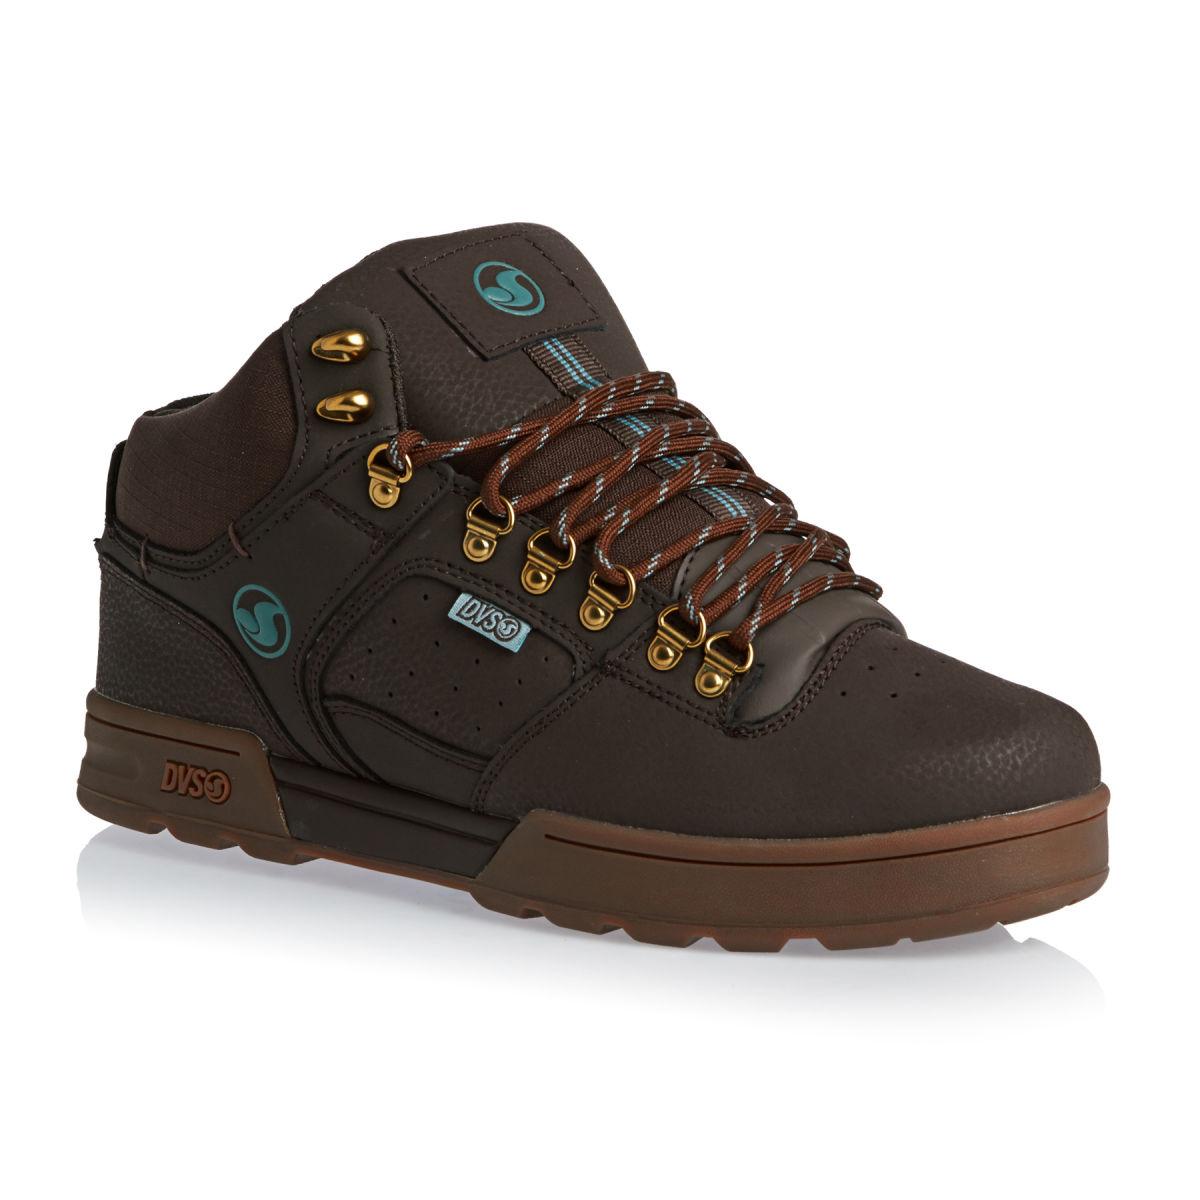 pánské zimní boty DVS WESTRIDGE Brown/Gum Nubuck Snow